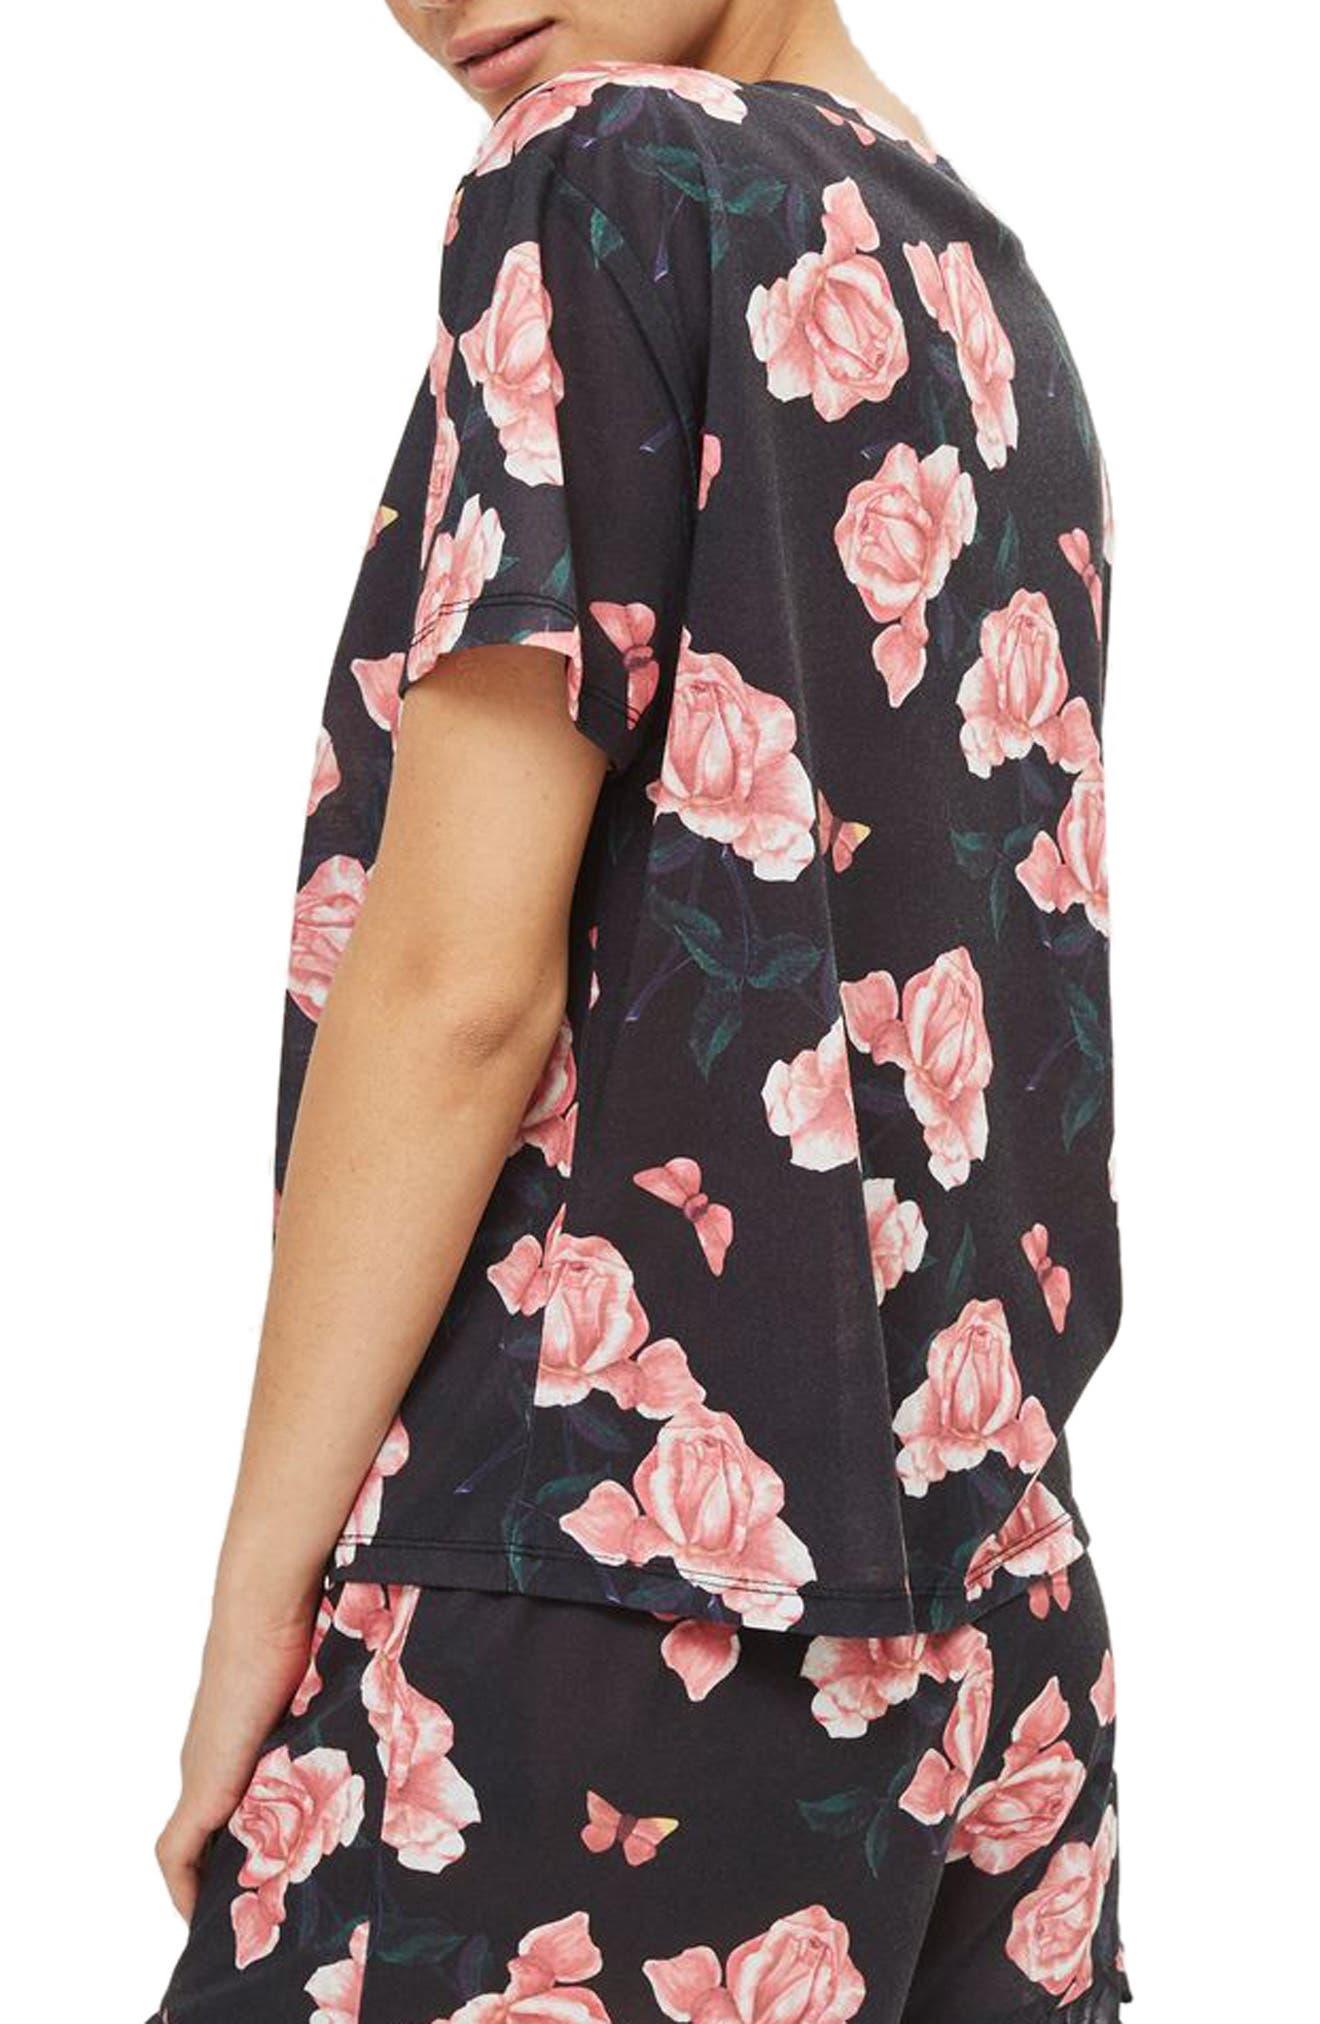 Rose Pajama Top,                             Alternate thumbnail 2, color,                             001